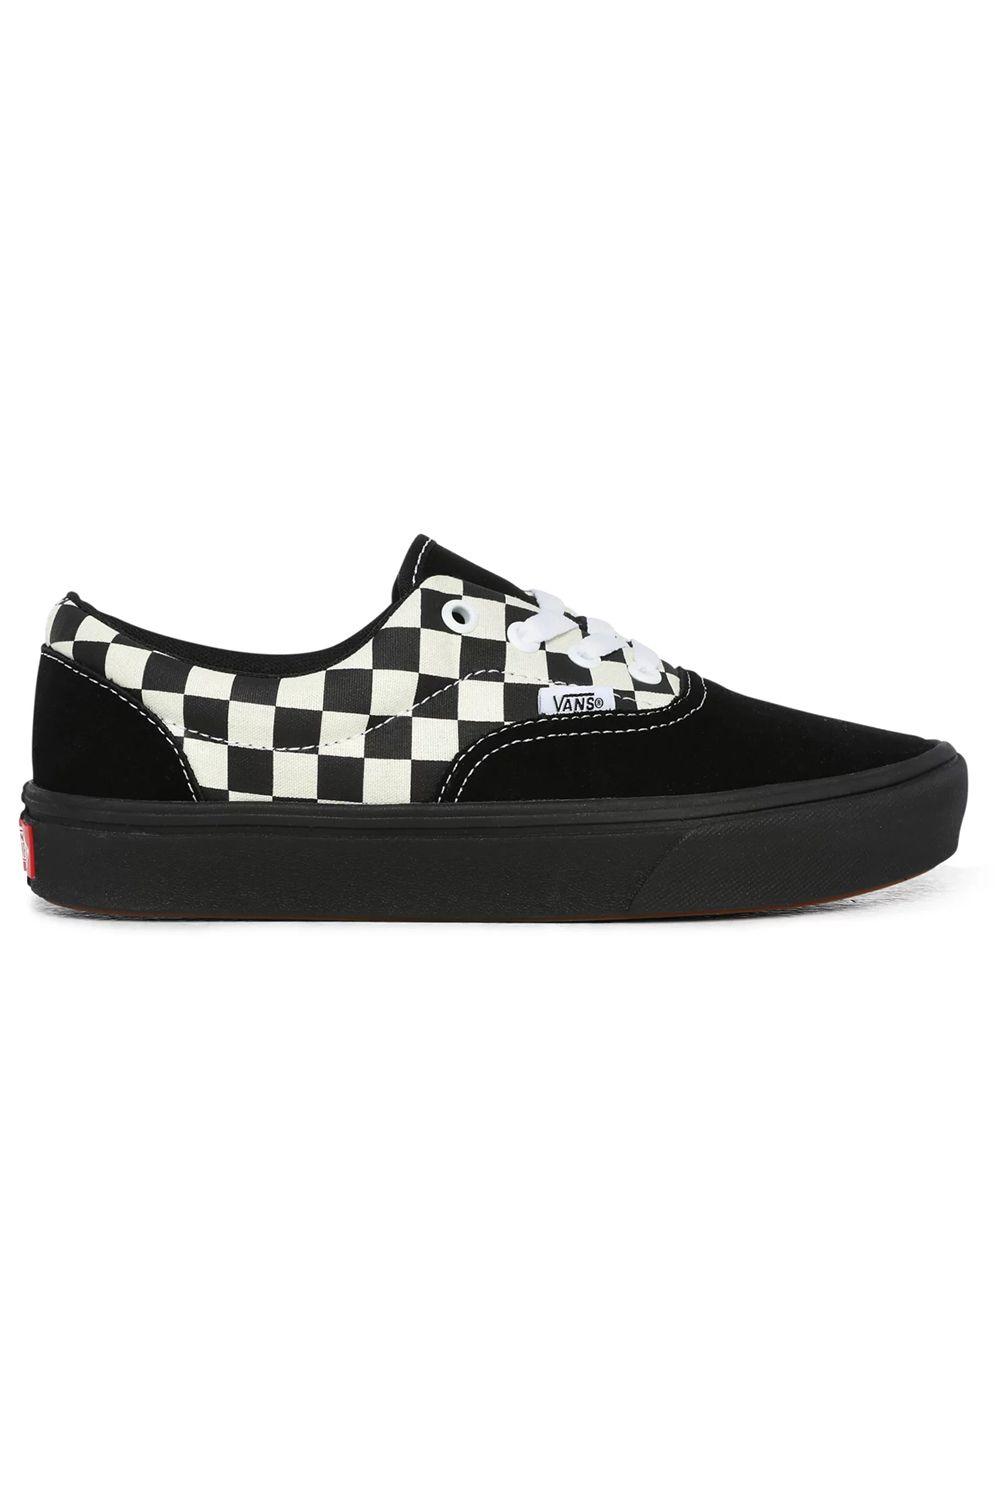 Vans Shoes UA COMFYCUSH ERA (Mixed Media) Antique White/Black